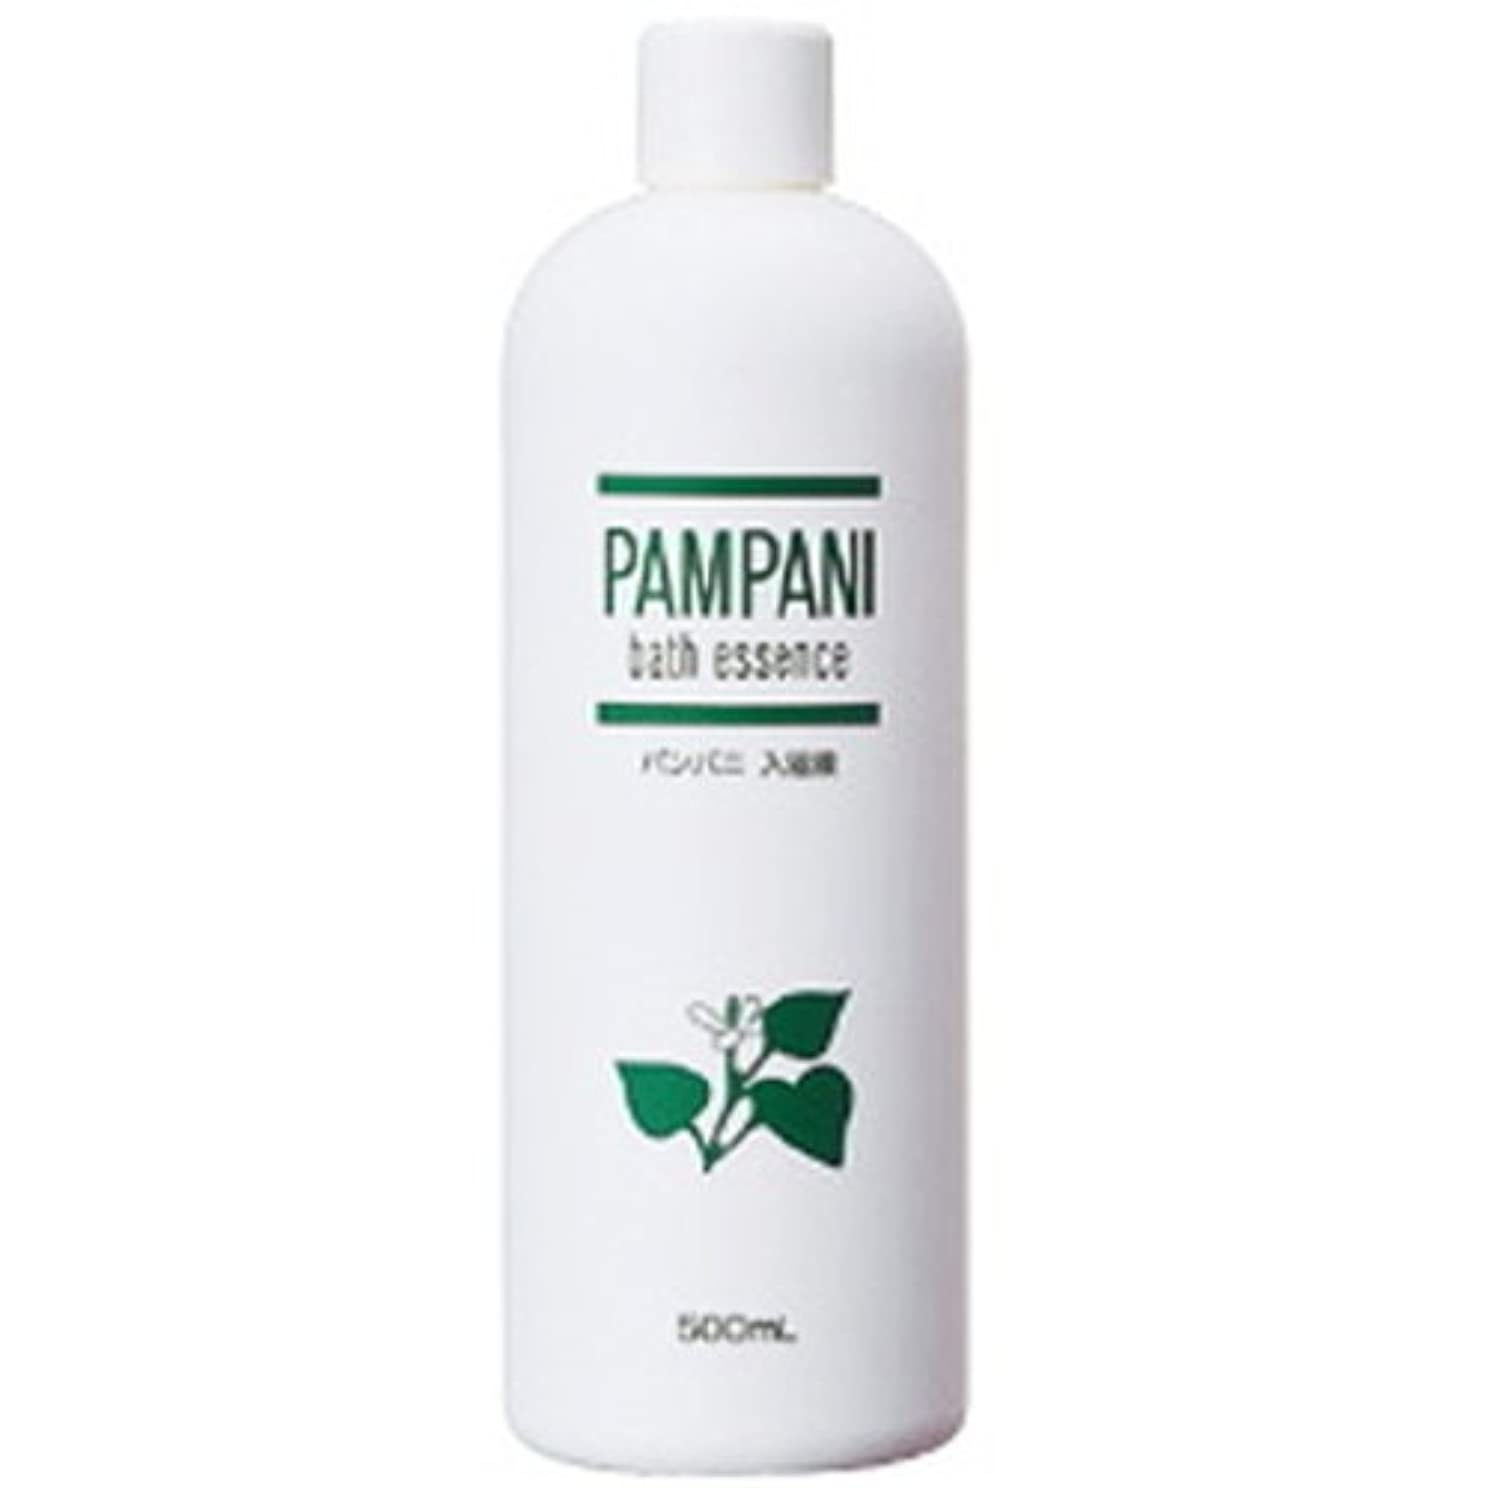 開拓者分岐する安全でないパンパニ(PAMPANI) 入浴液(希釈タイプ) 500ml